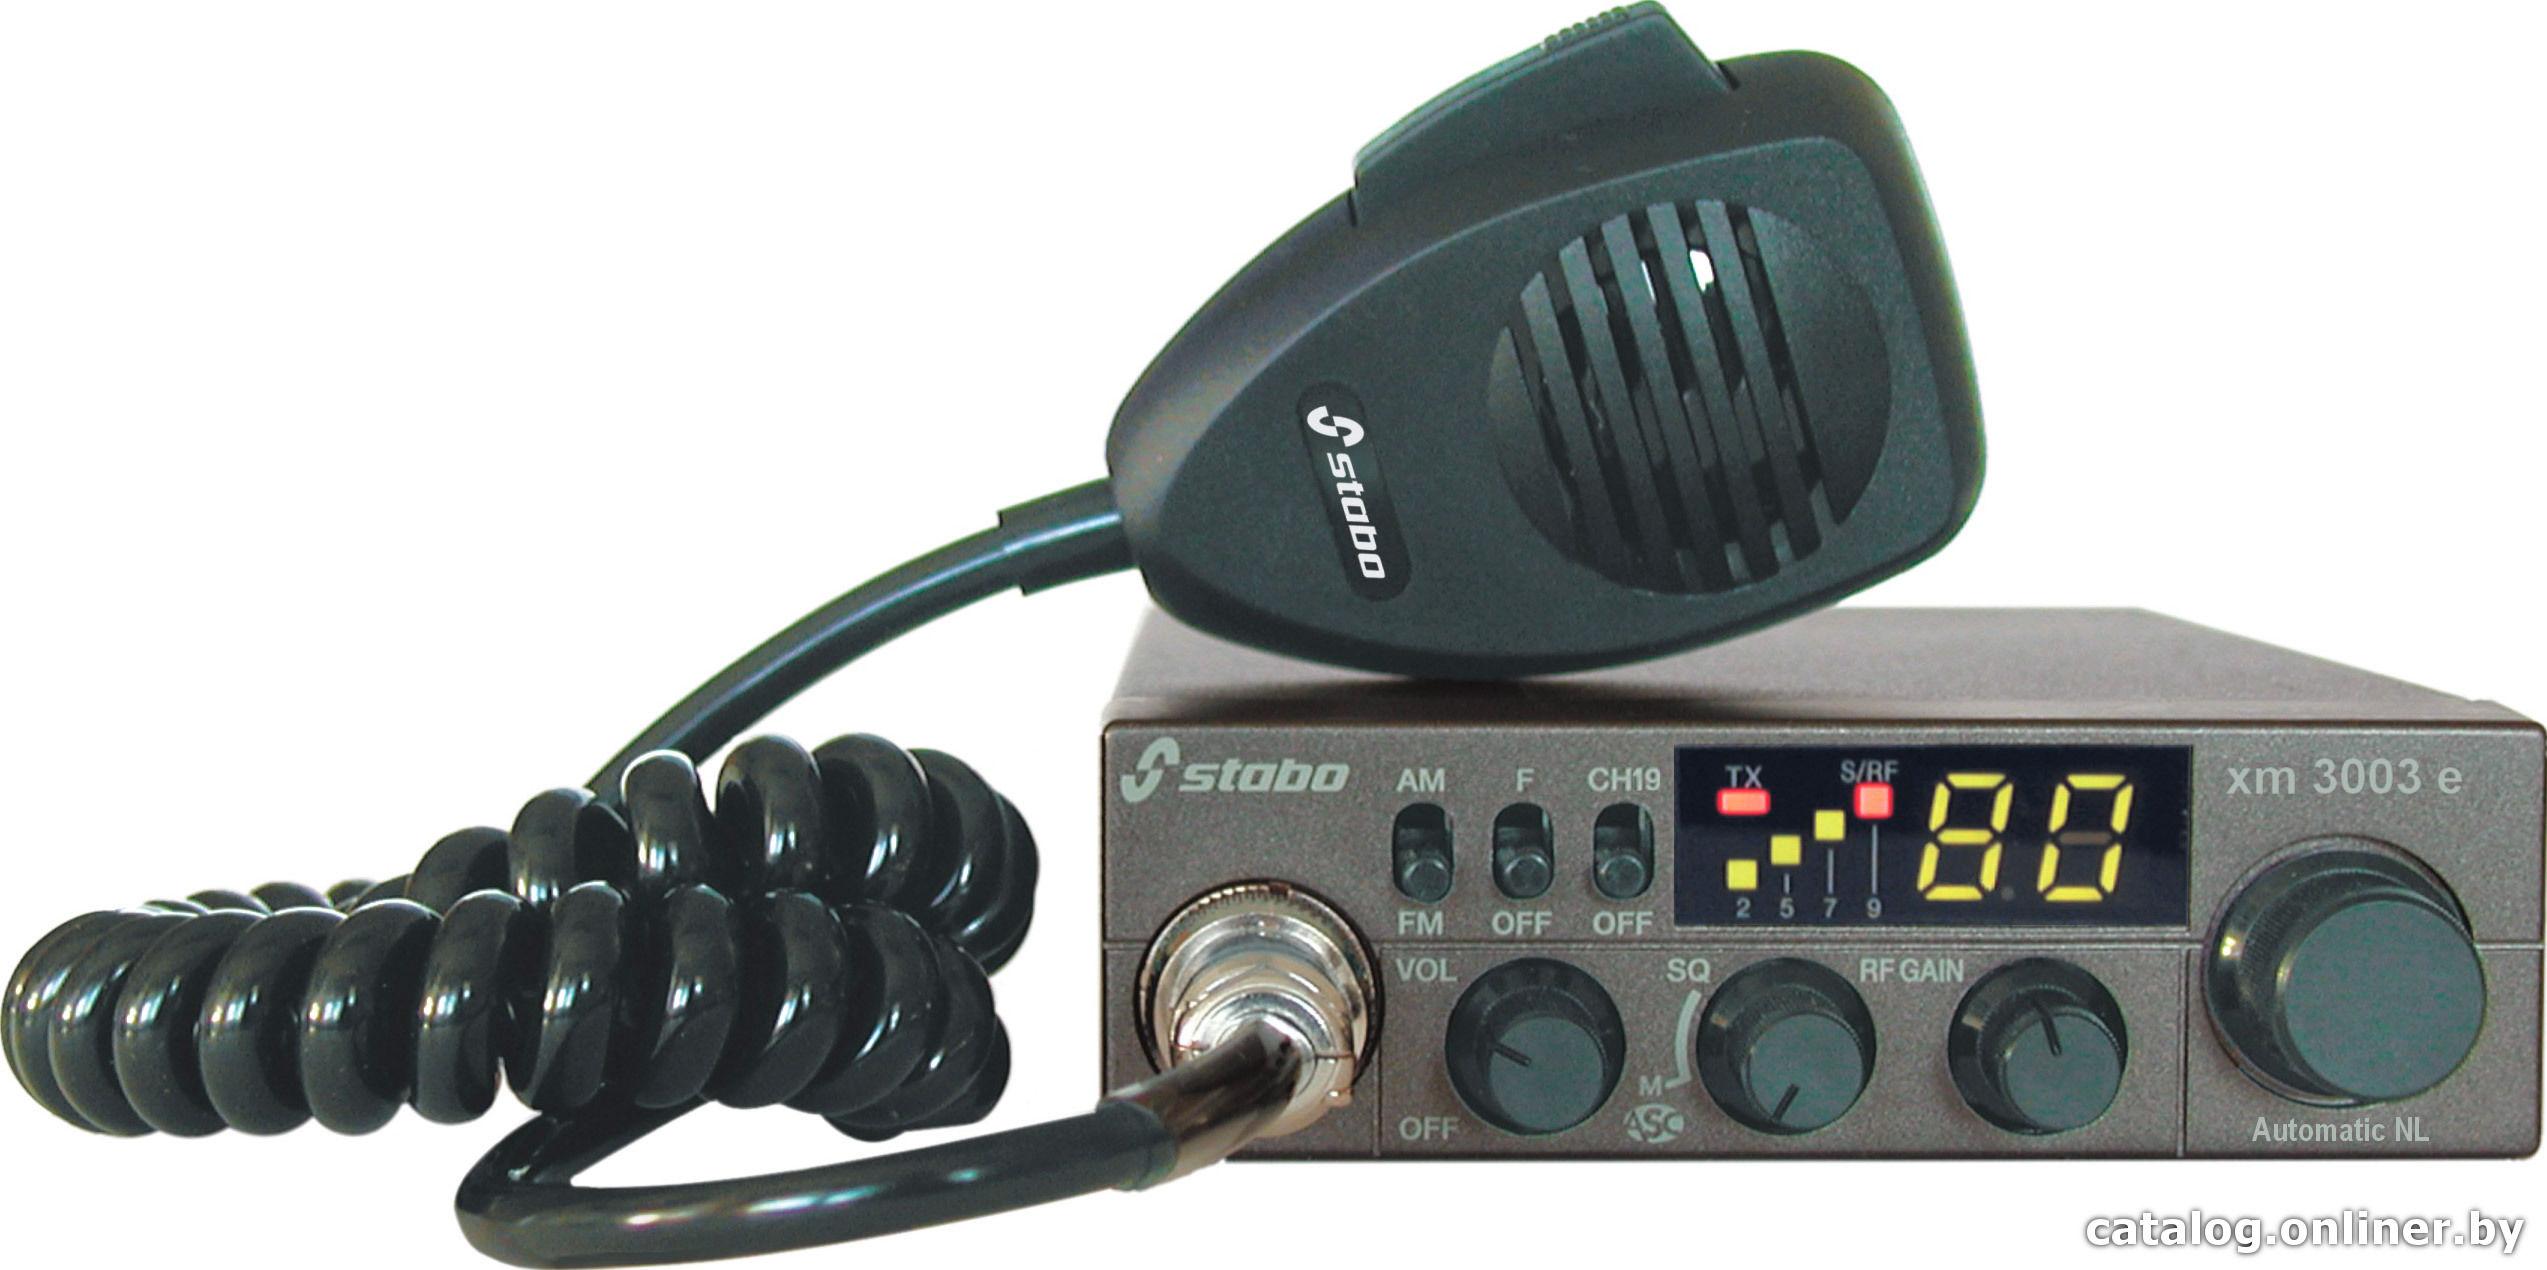 STABO X-3003E: Catálogo de Olanni Electronics